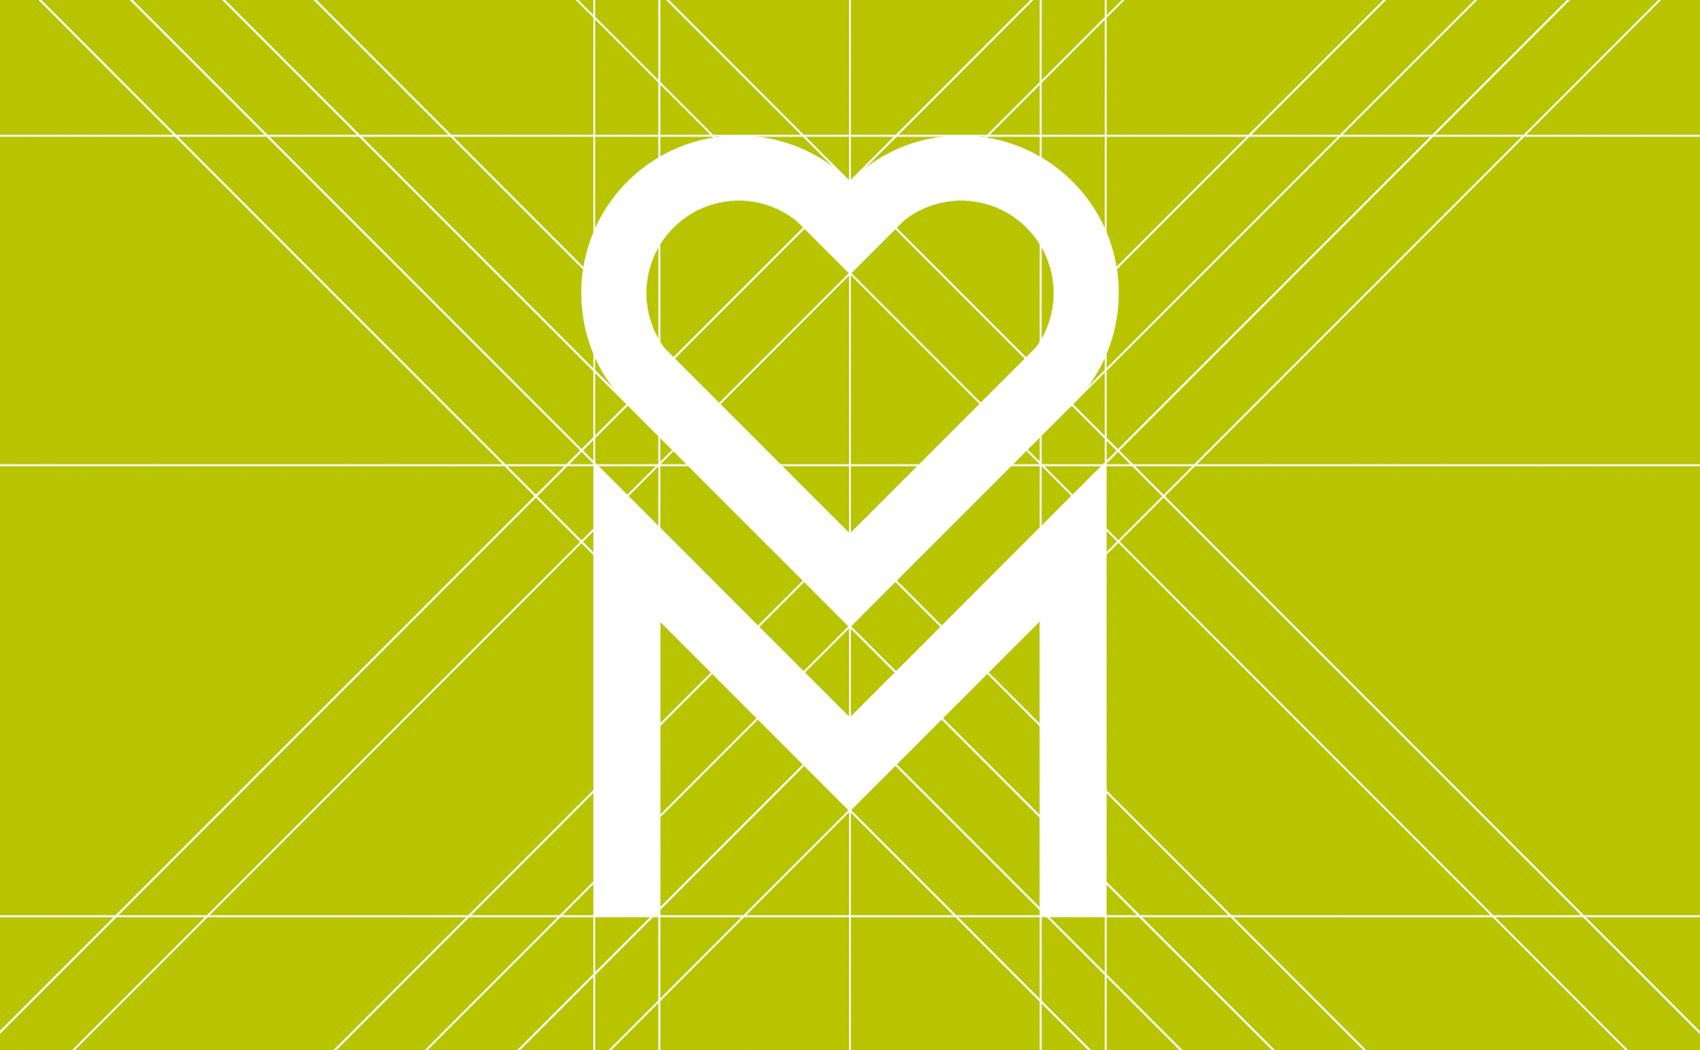 Logodesign und Entwicklung einer Corporate Identity für MEWAIKI e.V.